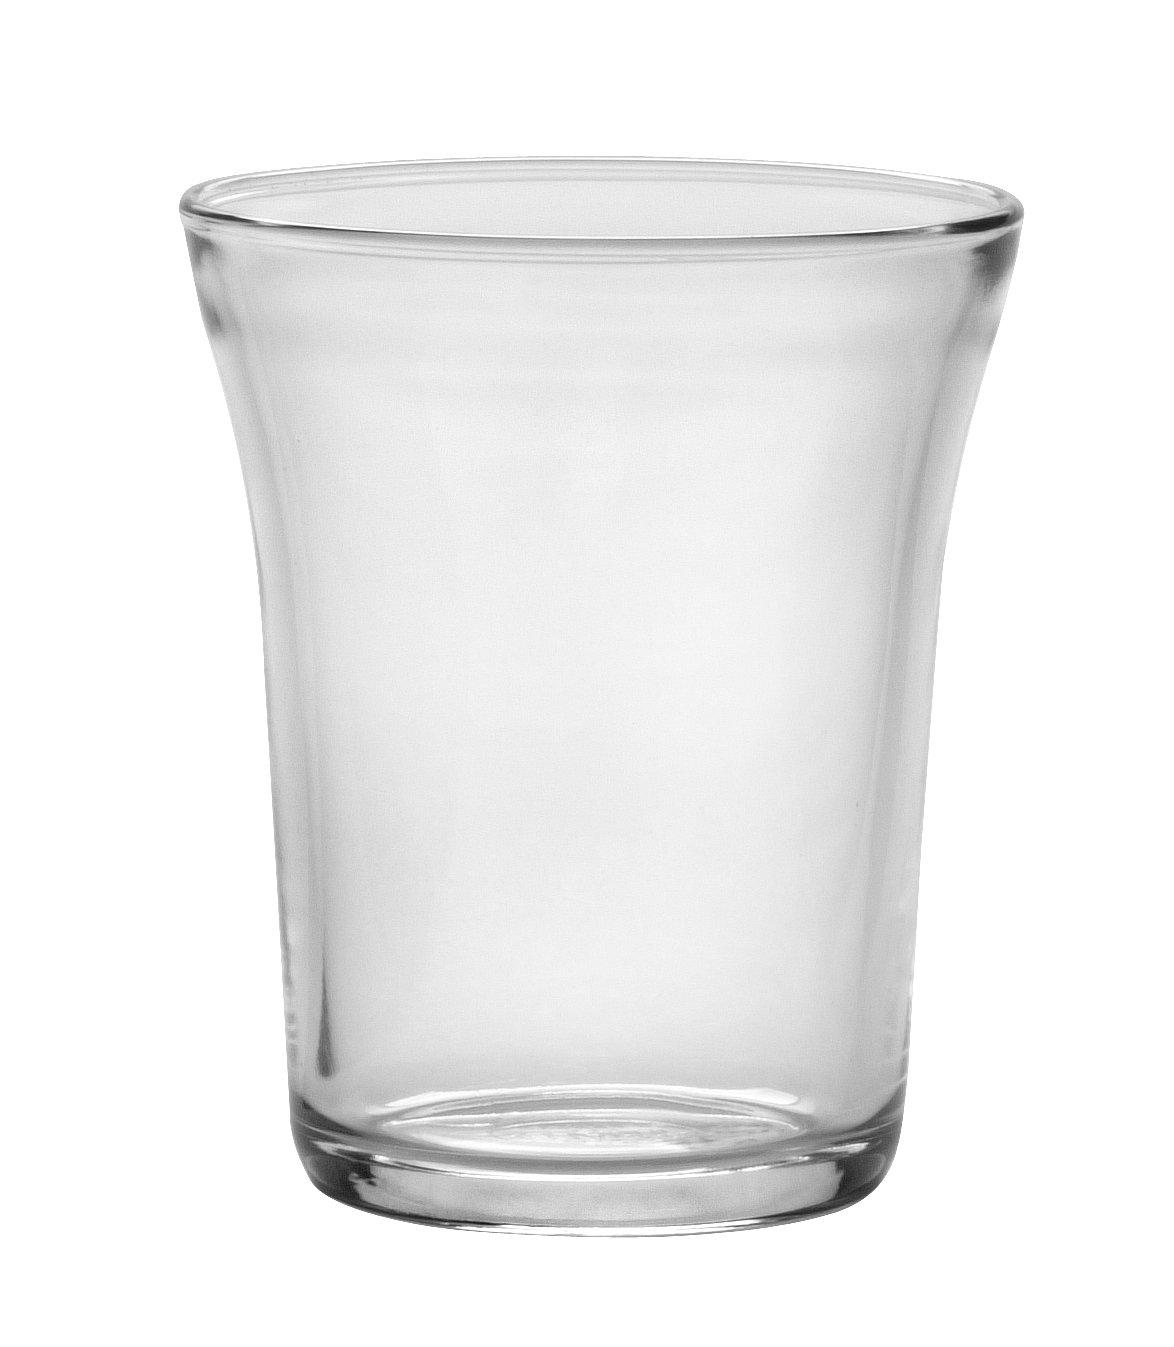 Duralex 22 cl Universal Vaso, 6 Unidades: Amazon.es: Hogar